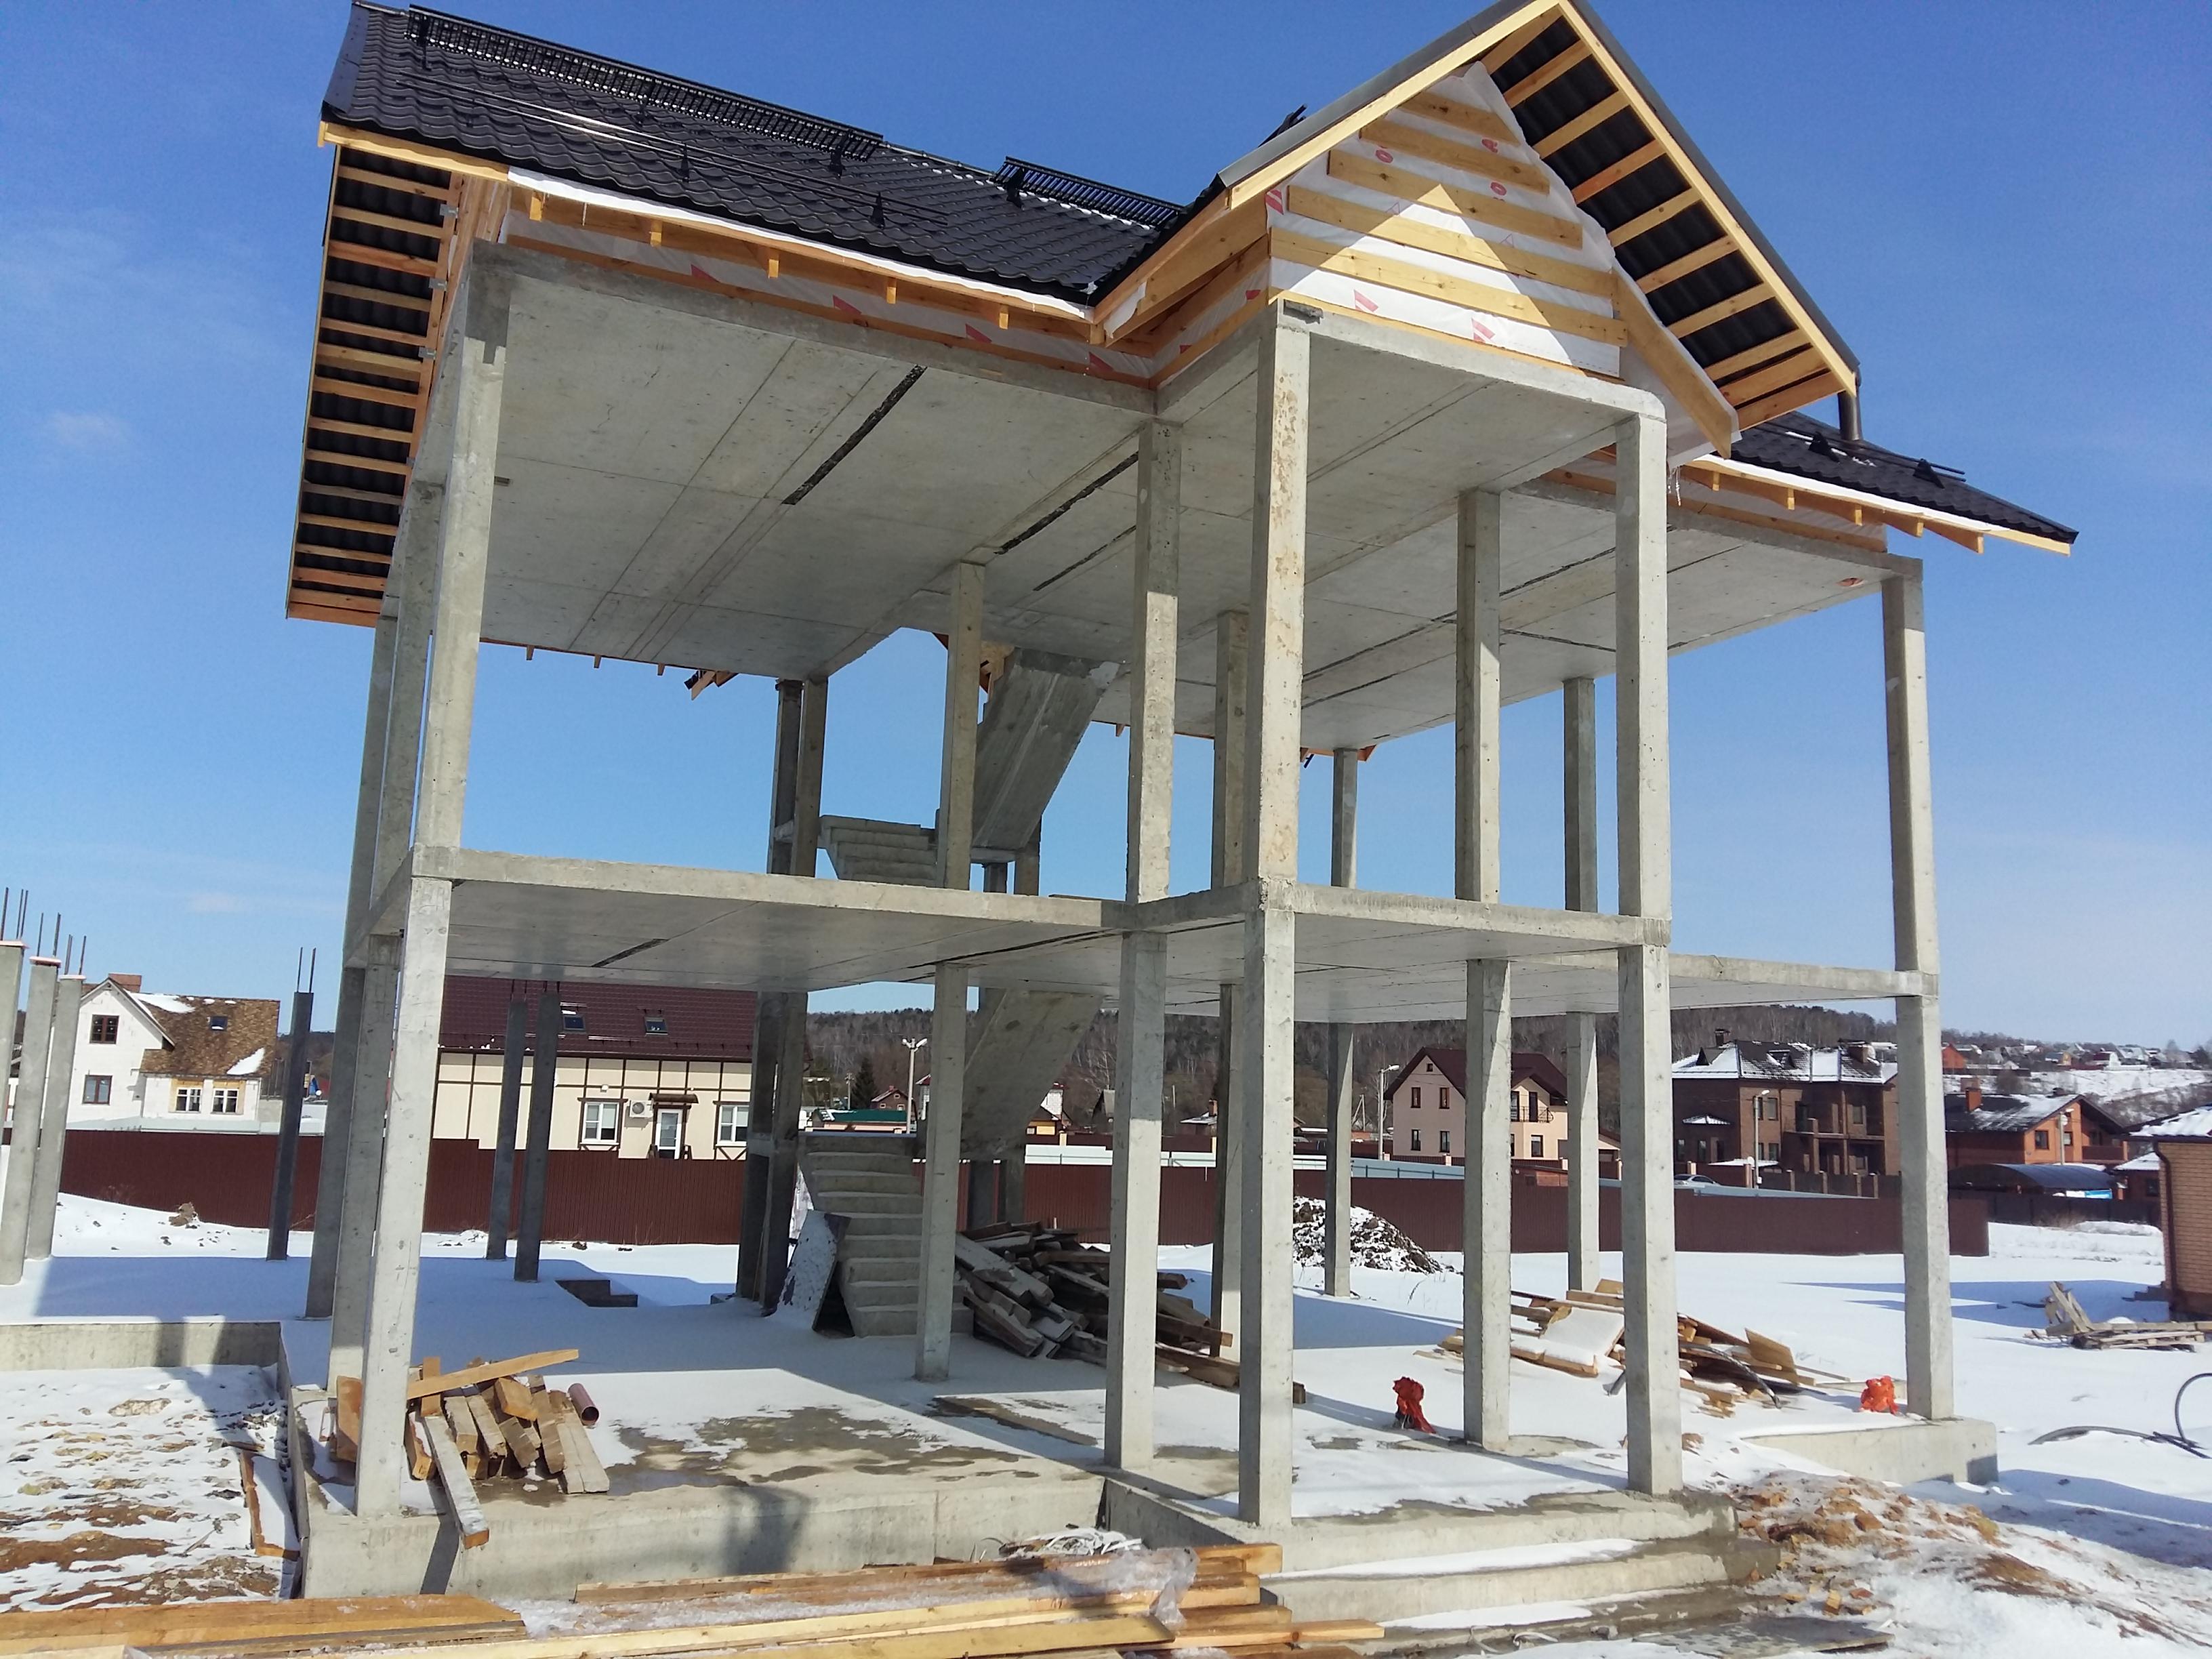 Монолитное строительство жилых зданий эффективное, практичное и экономное